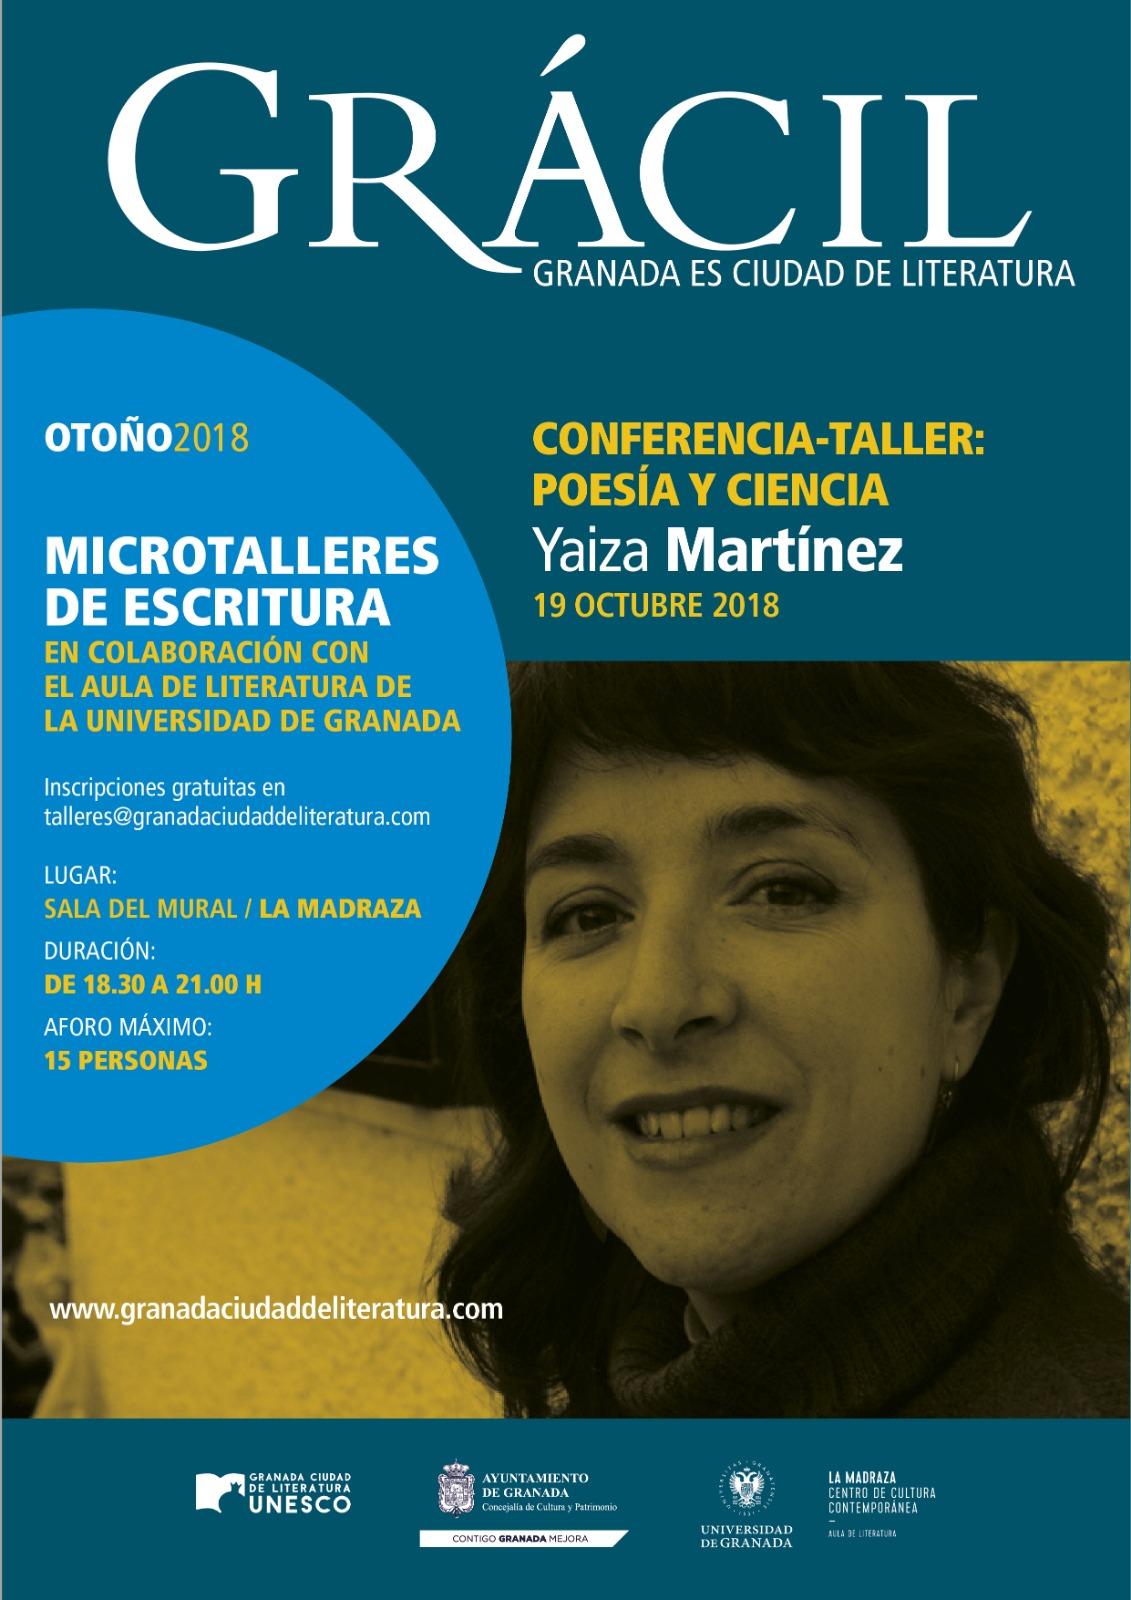 Yaiza Martínez, microtaller de poesía y ciencia en Granada